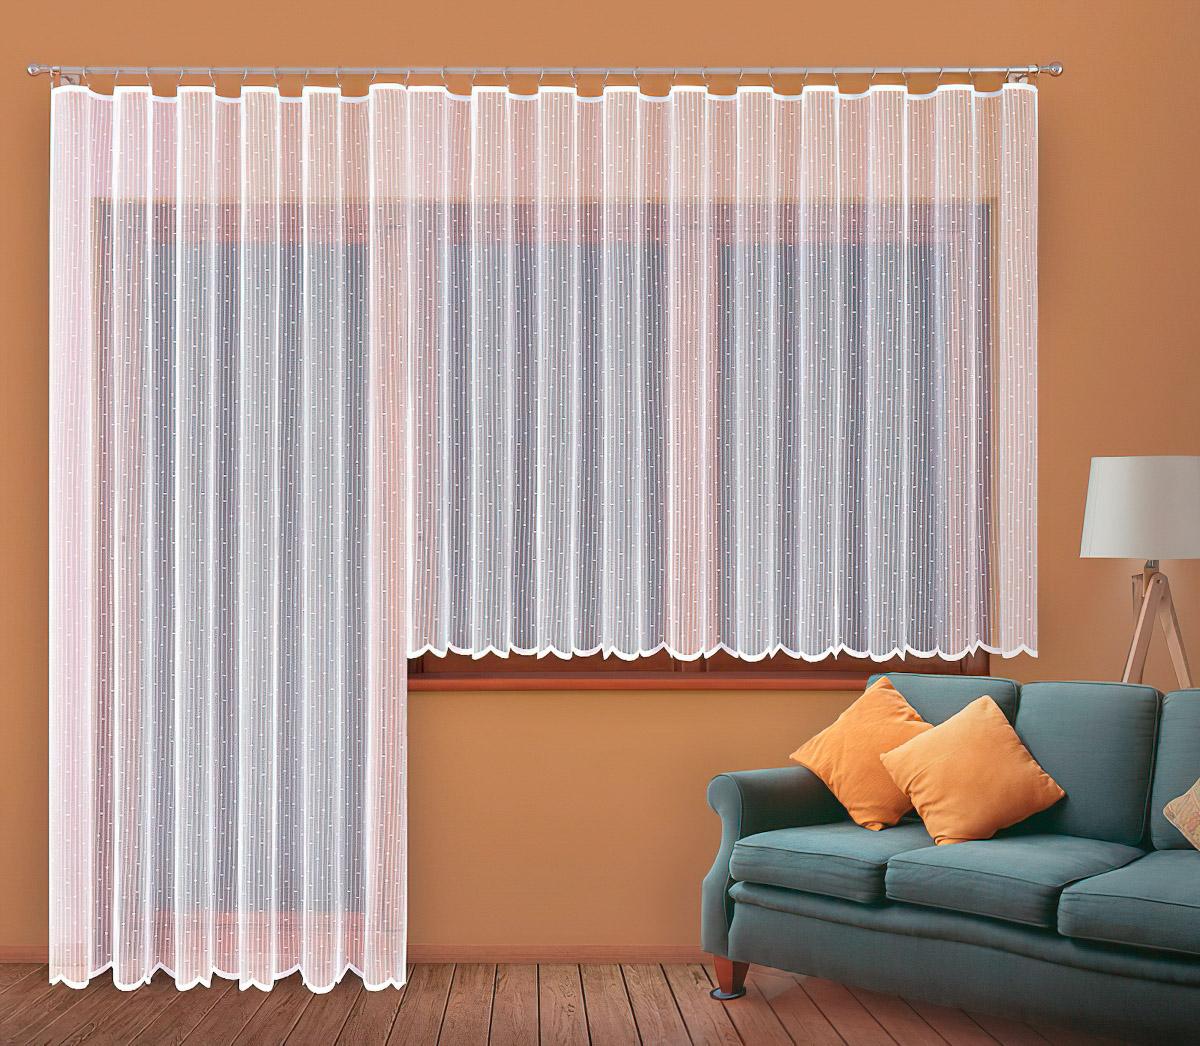 Forbyt kusová záclona DORA jednobarevná bílá, výška 160 cm x šířka 400 cm (na okno)